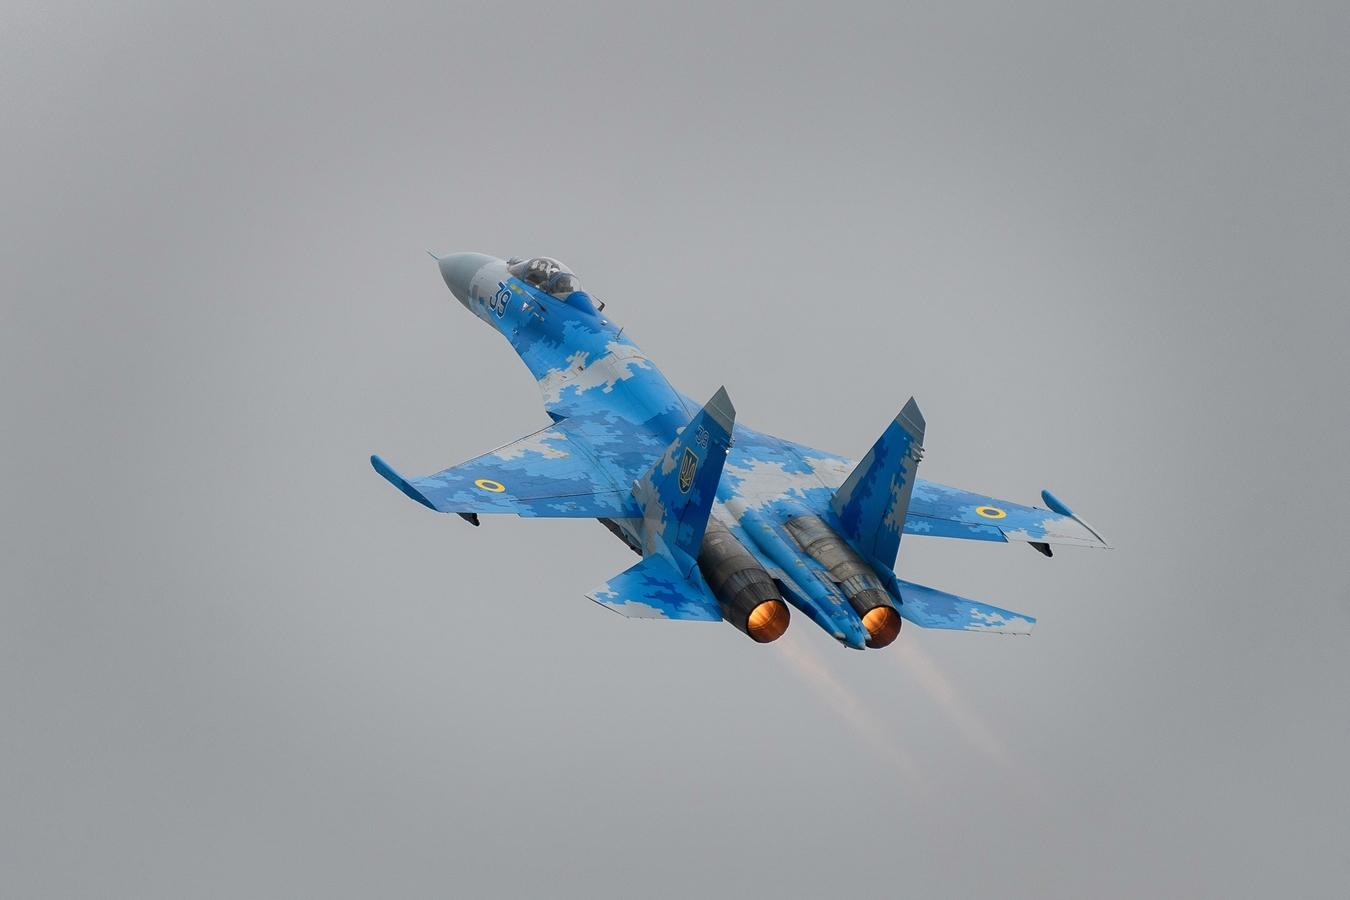 autogen SU-27